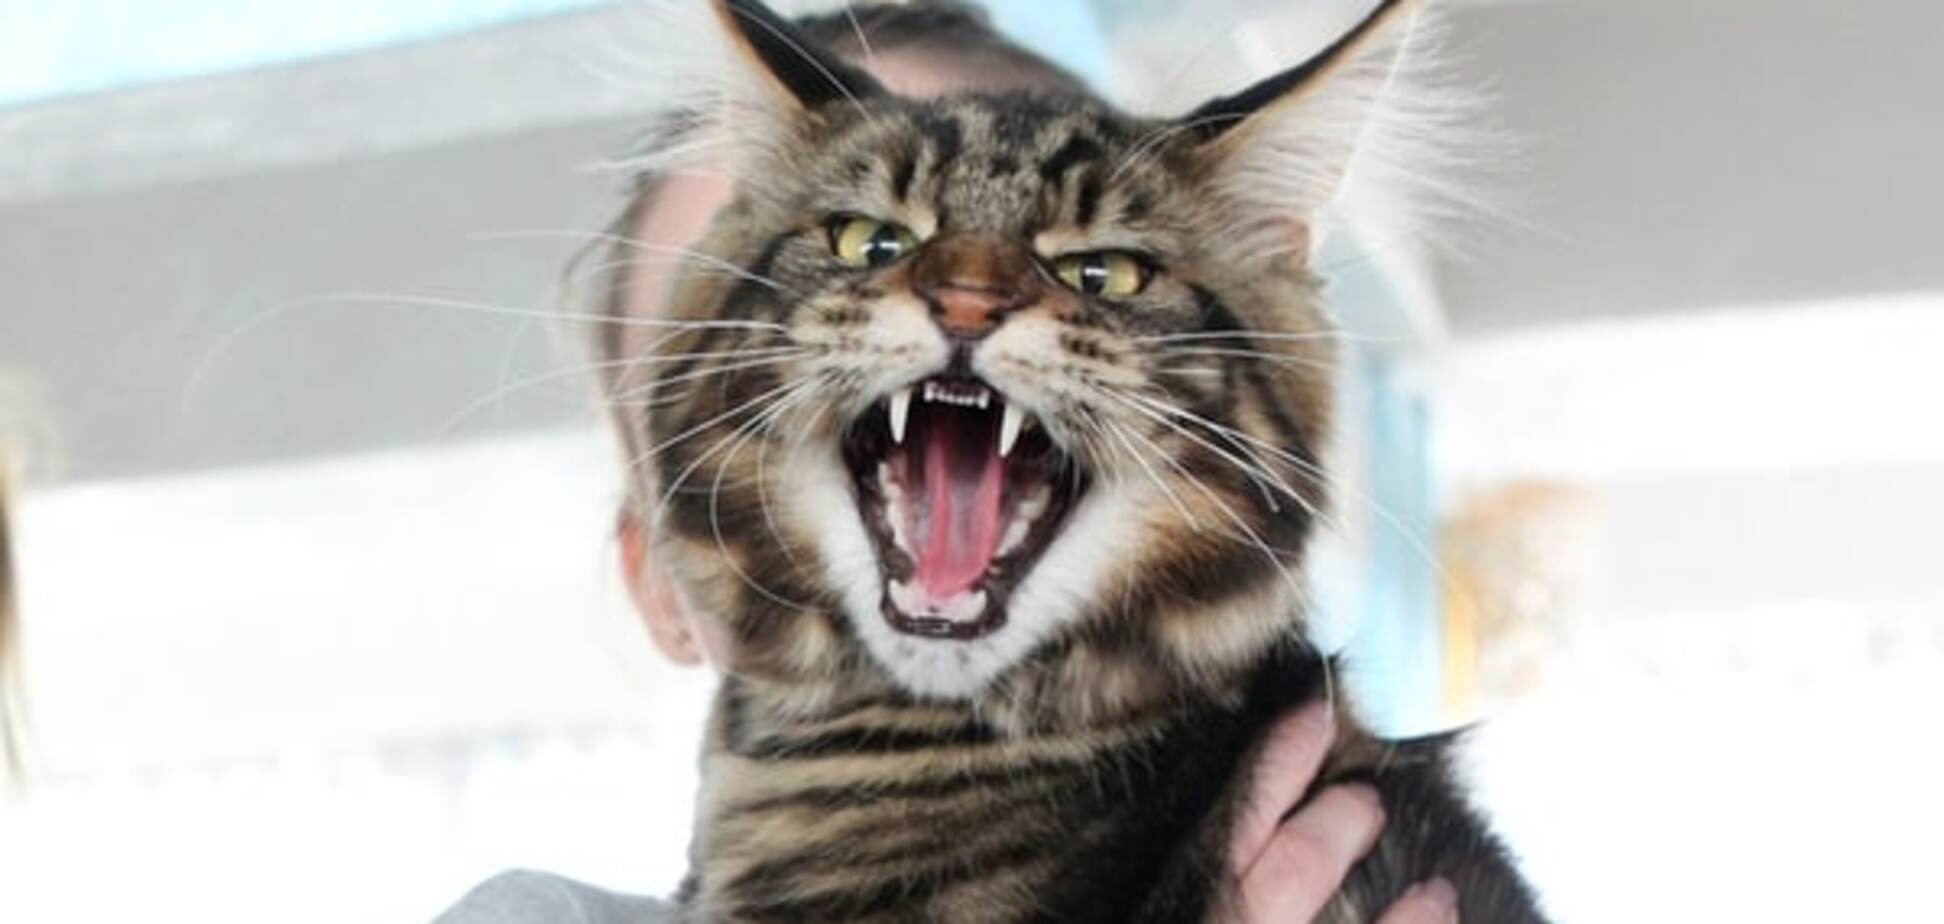 Мохнатые властелины: в США коты захватили дома своих хозяев